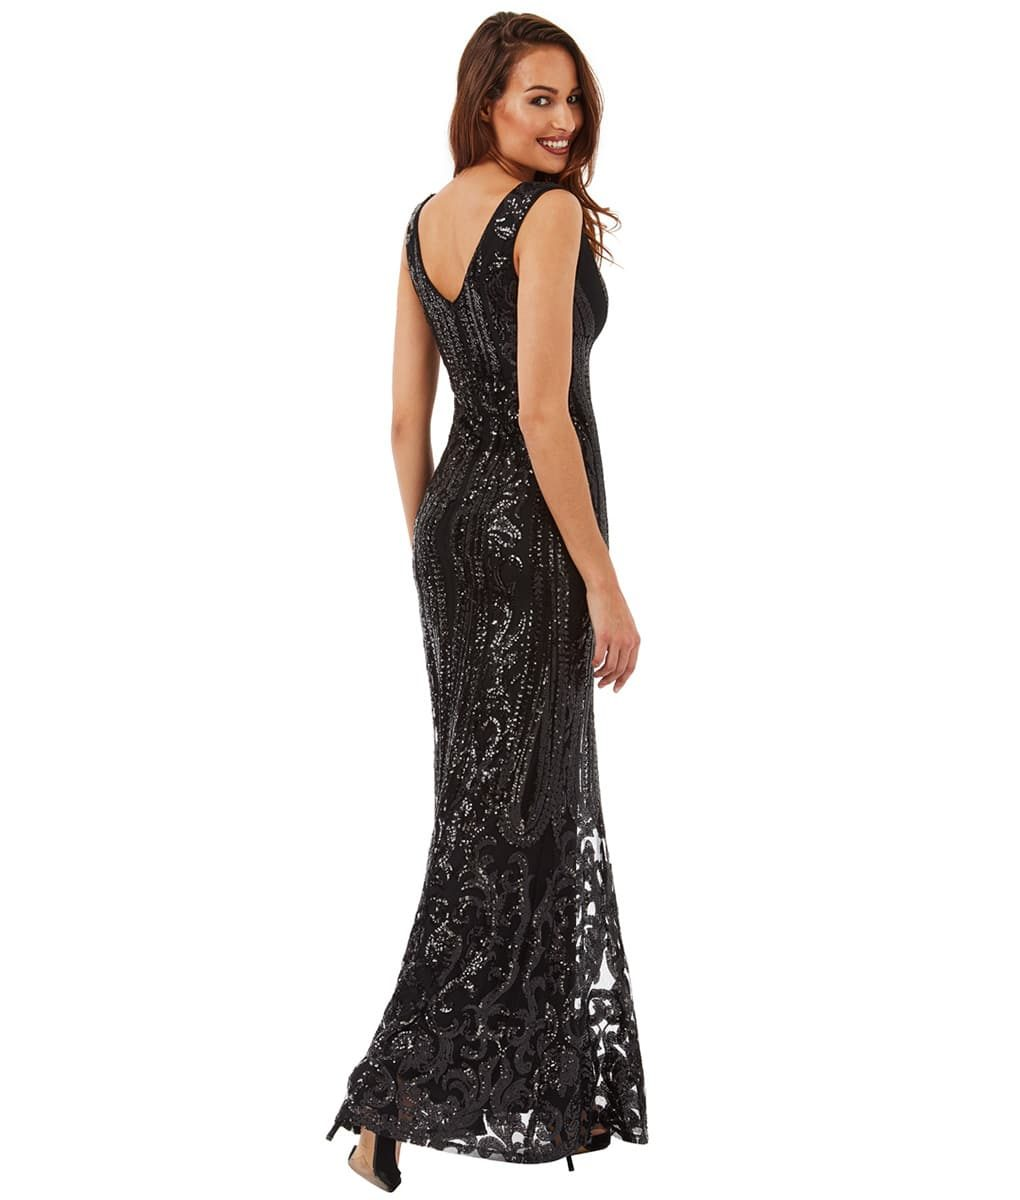 Alila Black V Neck Sequins Gown